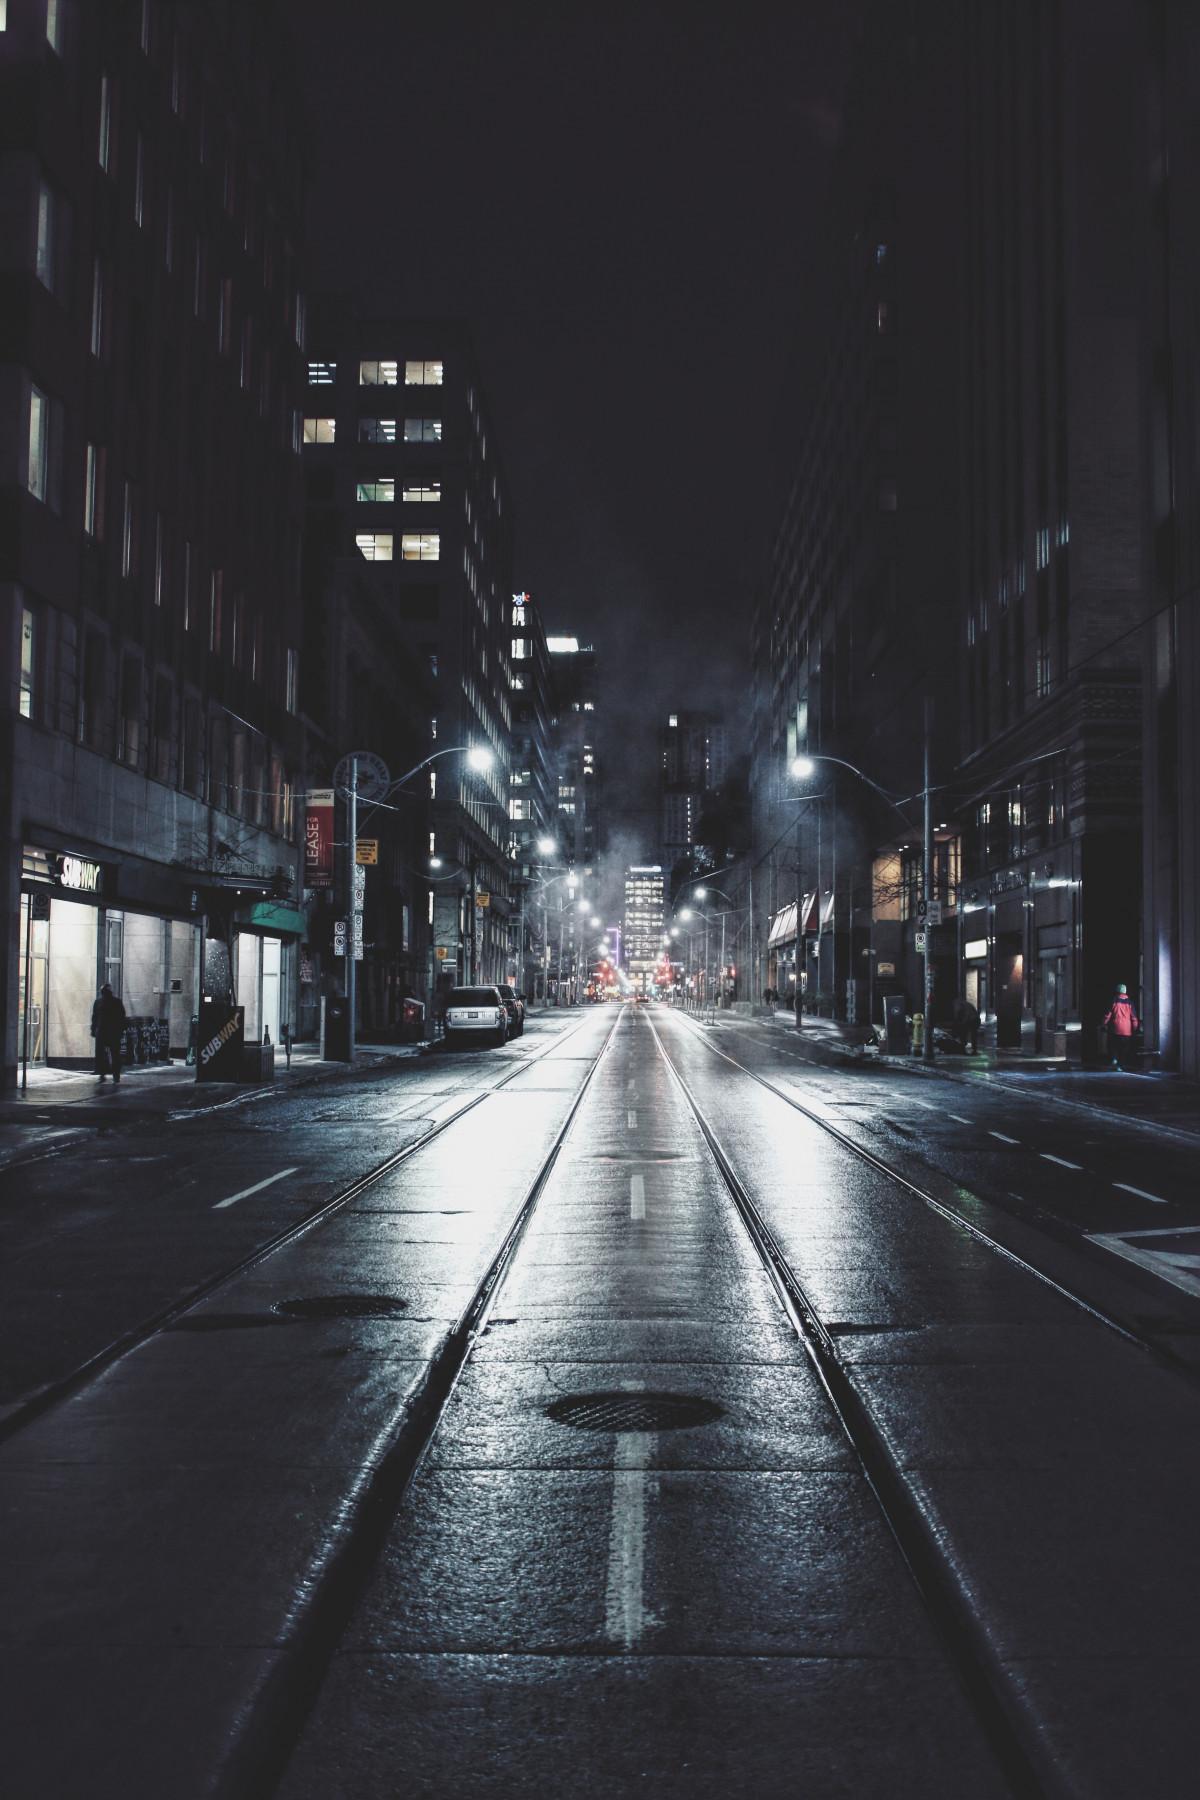 雪 冬 光 人 道路 通り 夜 シティ 都市 都市景観 ダーク 神秘 イブニング 天気 落ち着いた 闇 ナイトライフ 街路灯 モノクロ LANE 点灯 夜市 屋外 不思議な 建物 インフラ 店頭 シーン 店舗 気分 大都市 夜の街 かなり